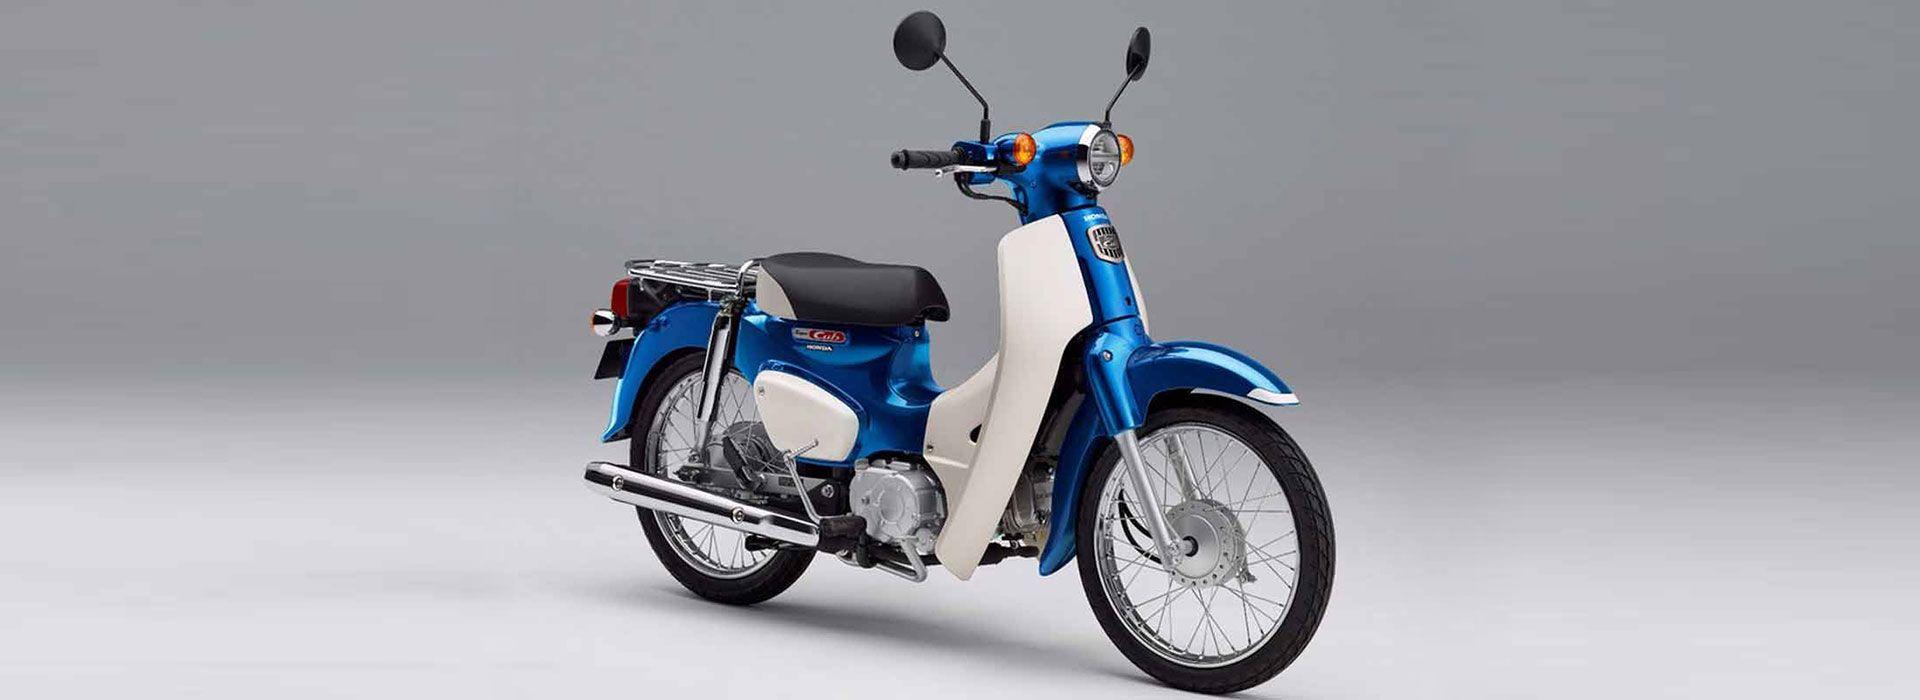 Honda Super Cub 2018 - Glint Wave Blue Metalic